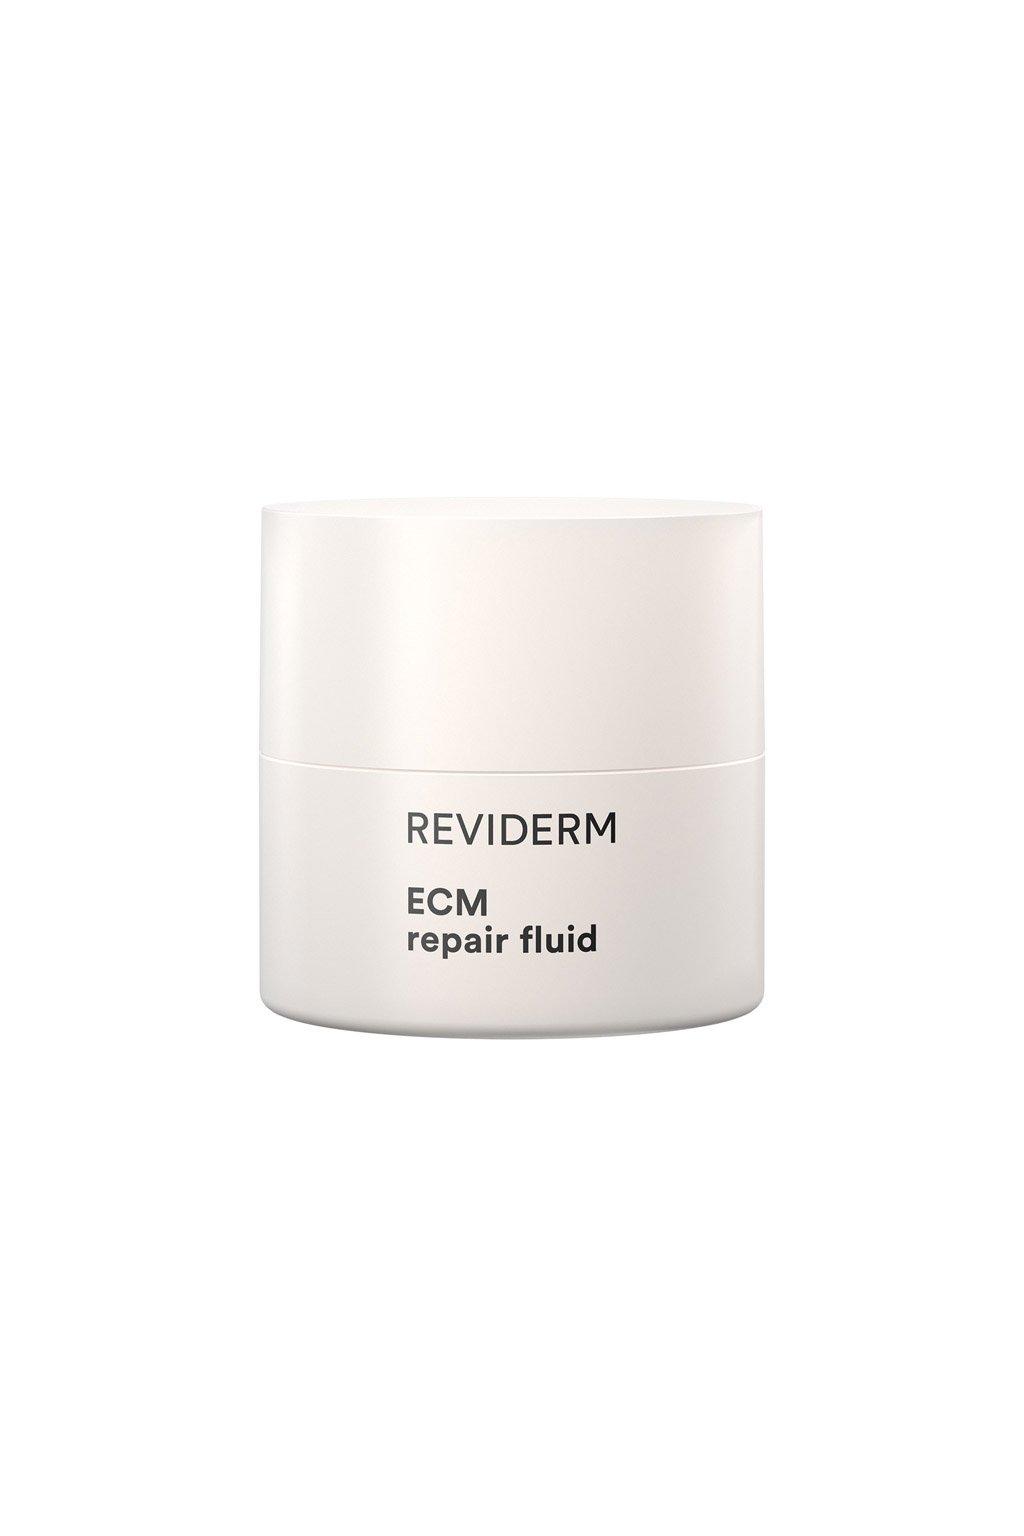 ECM repair fluid | 50 ml